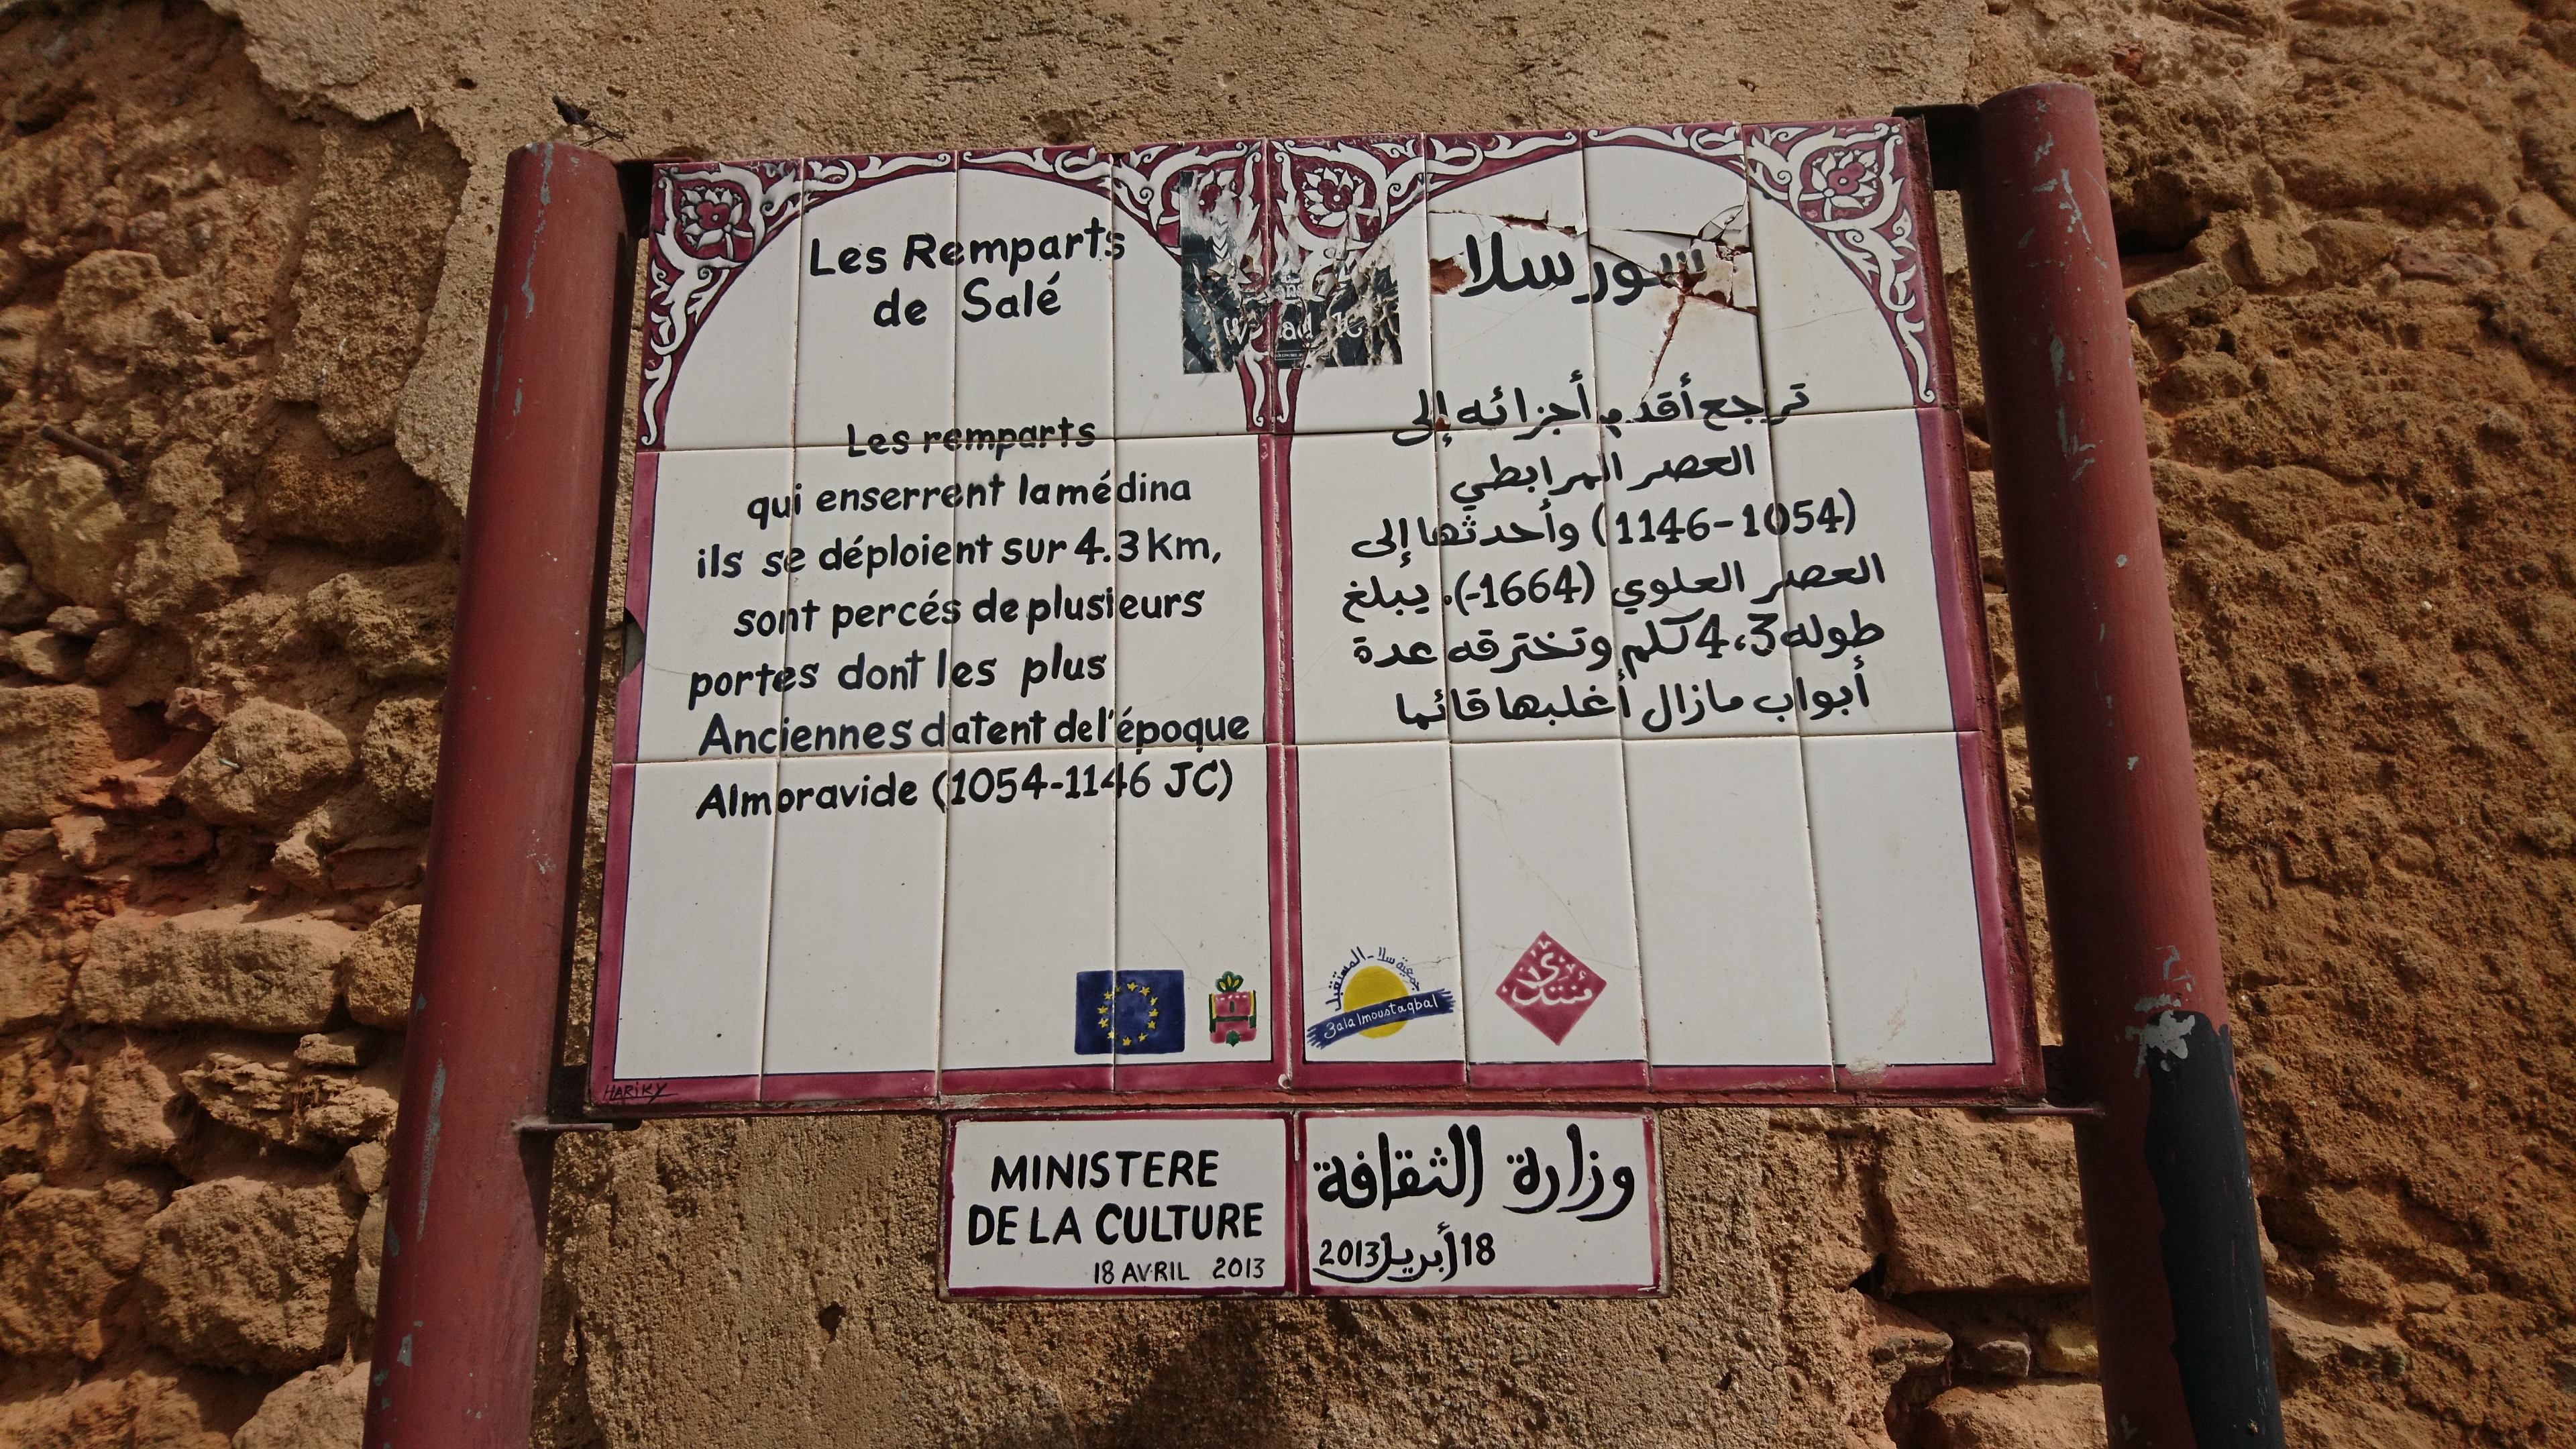 tours Ivoire site Web de rencontres